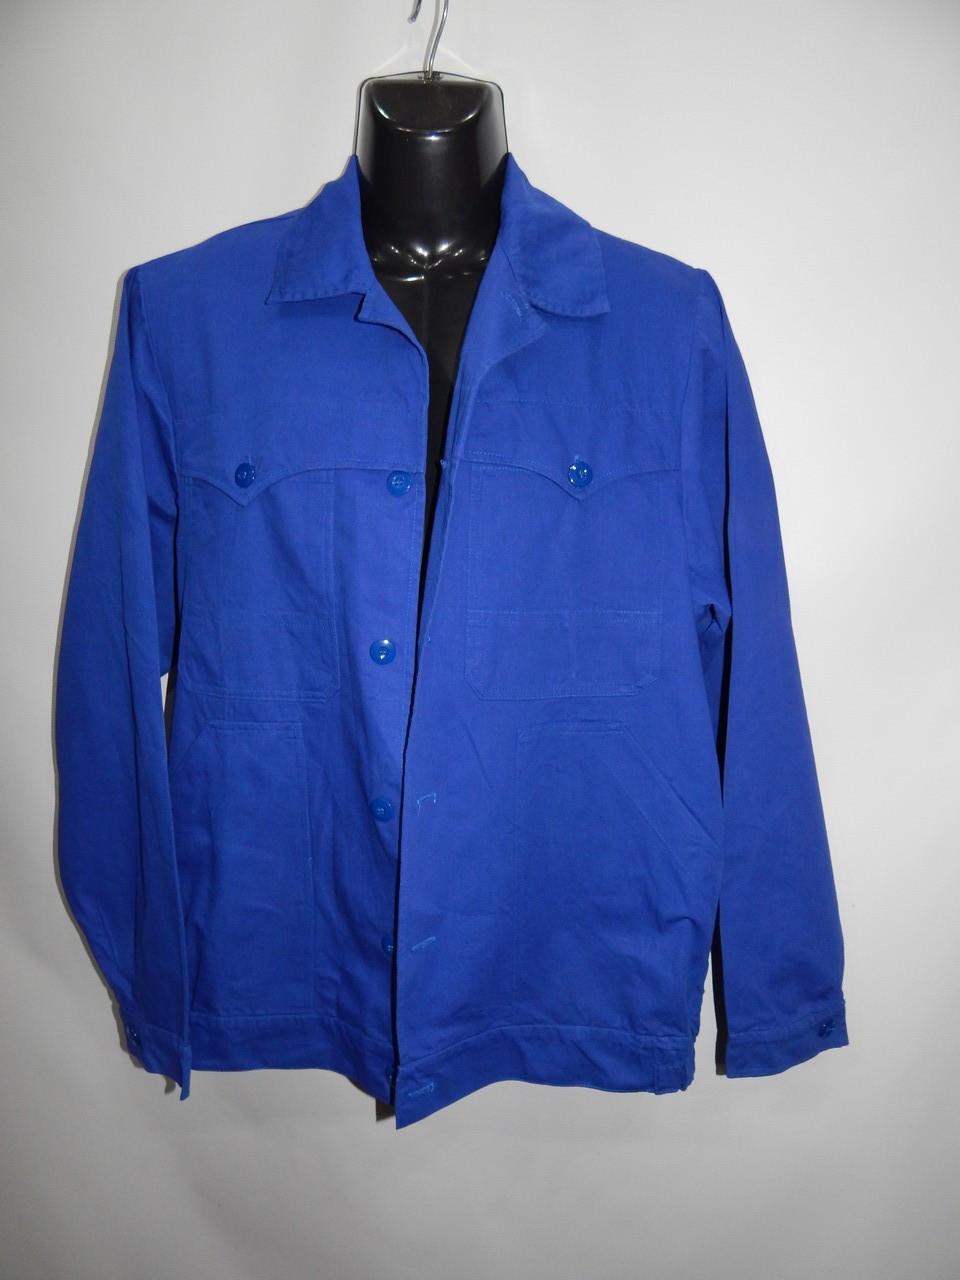 Куртка чоловіча робоча демісезонна Frydek-Mistec р. 50 030МРК